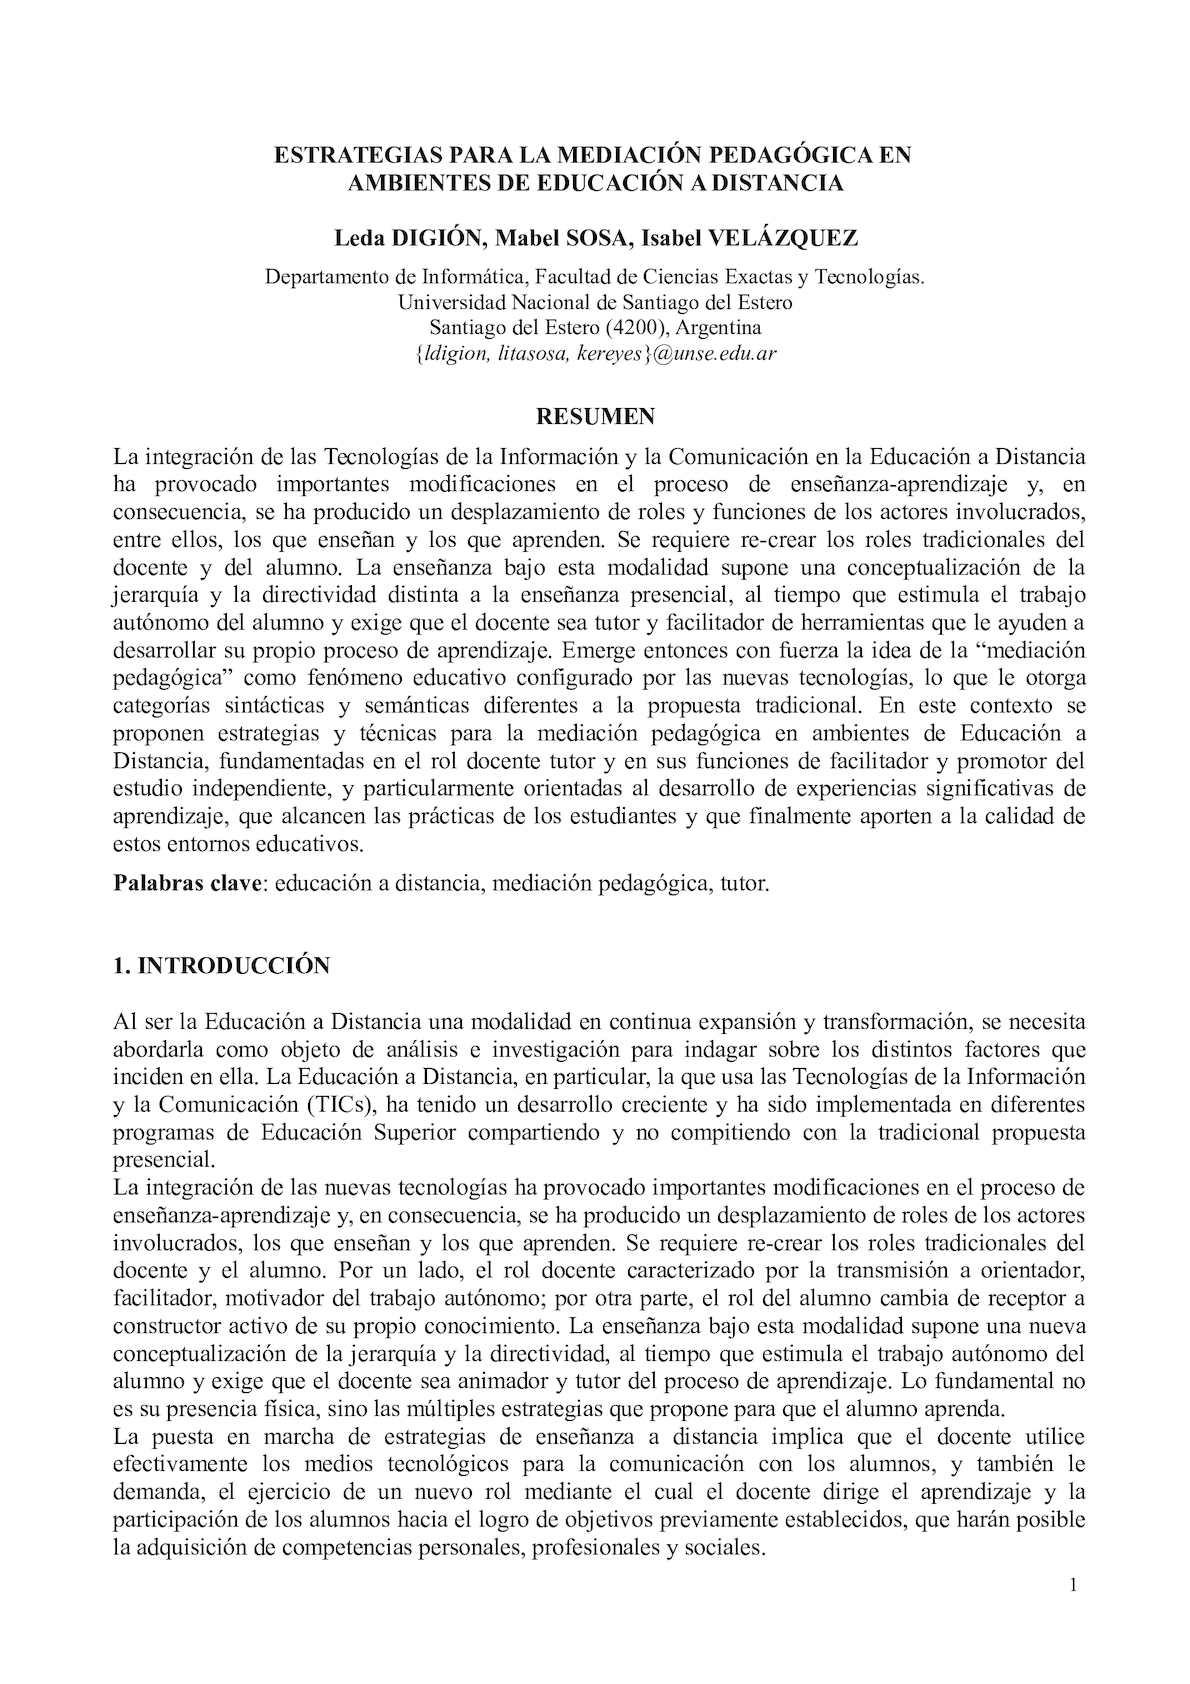 ESTRATEGIAS PARA LA MEDIACIÓN PEDAGÓGICA EN AMBIENTES DE EDUCACIÓN A DISTANCIA